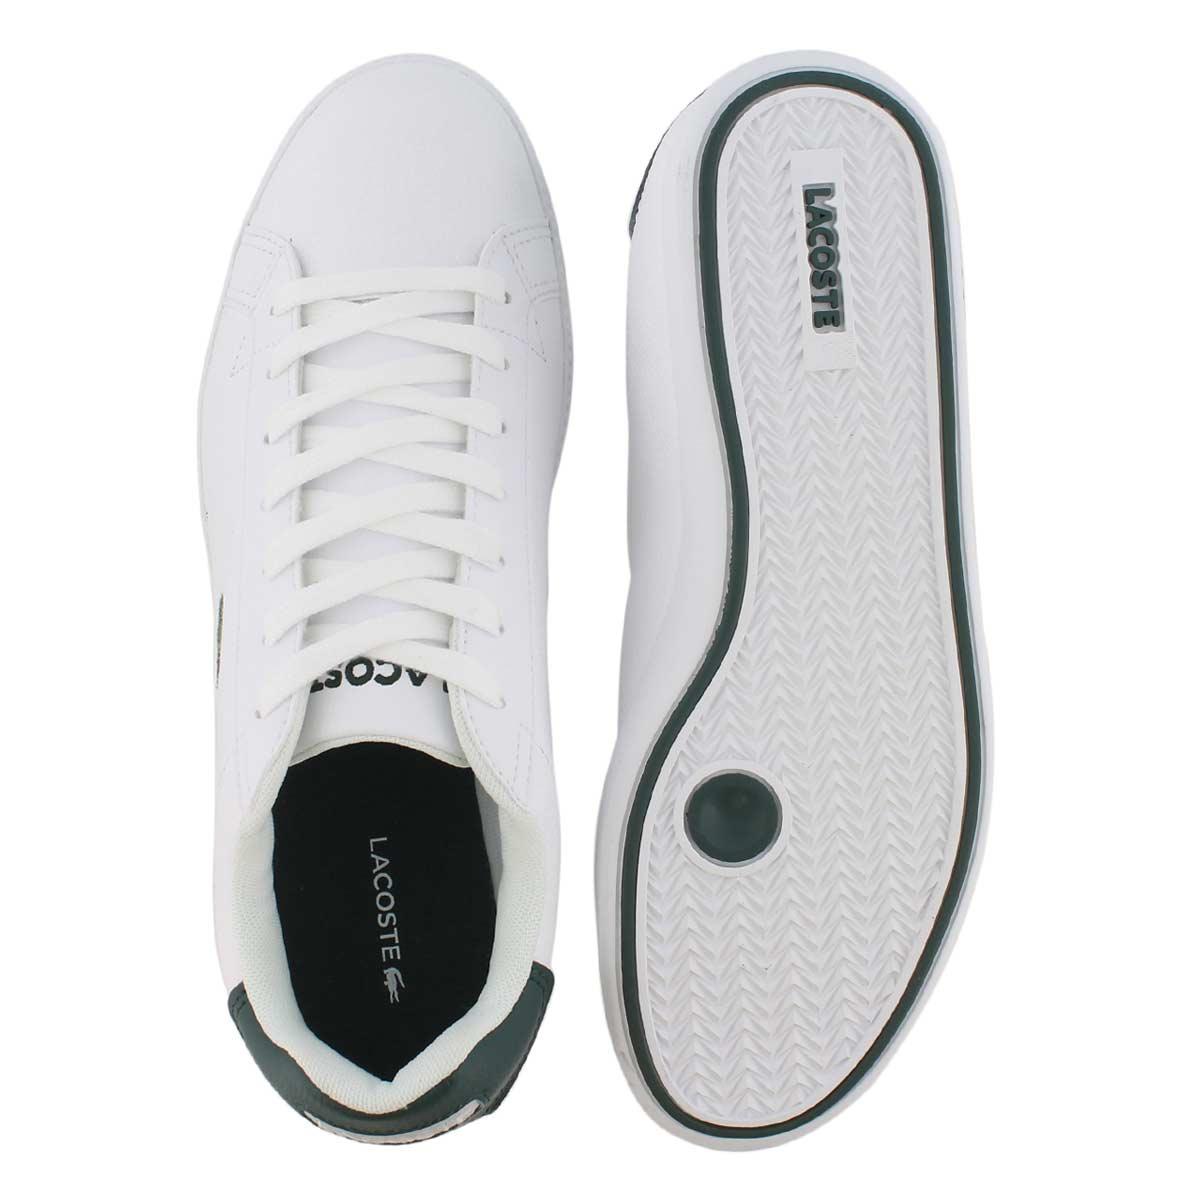 Mns Graduate LCR3 118 wht/dkgrn sneaker